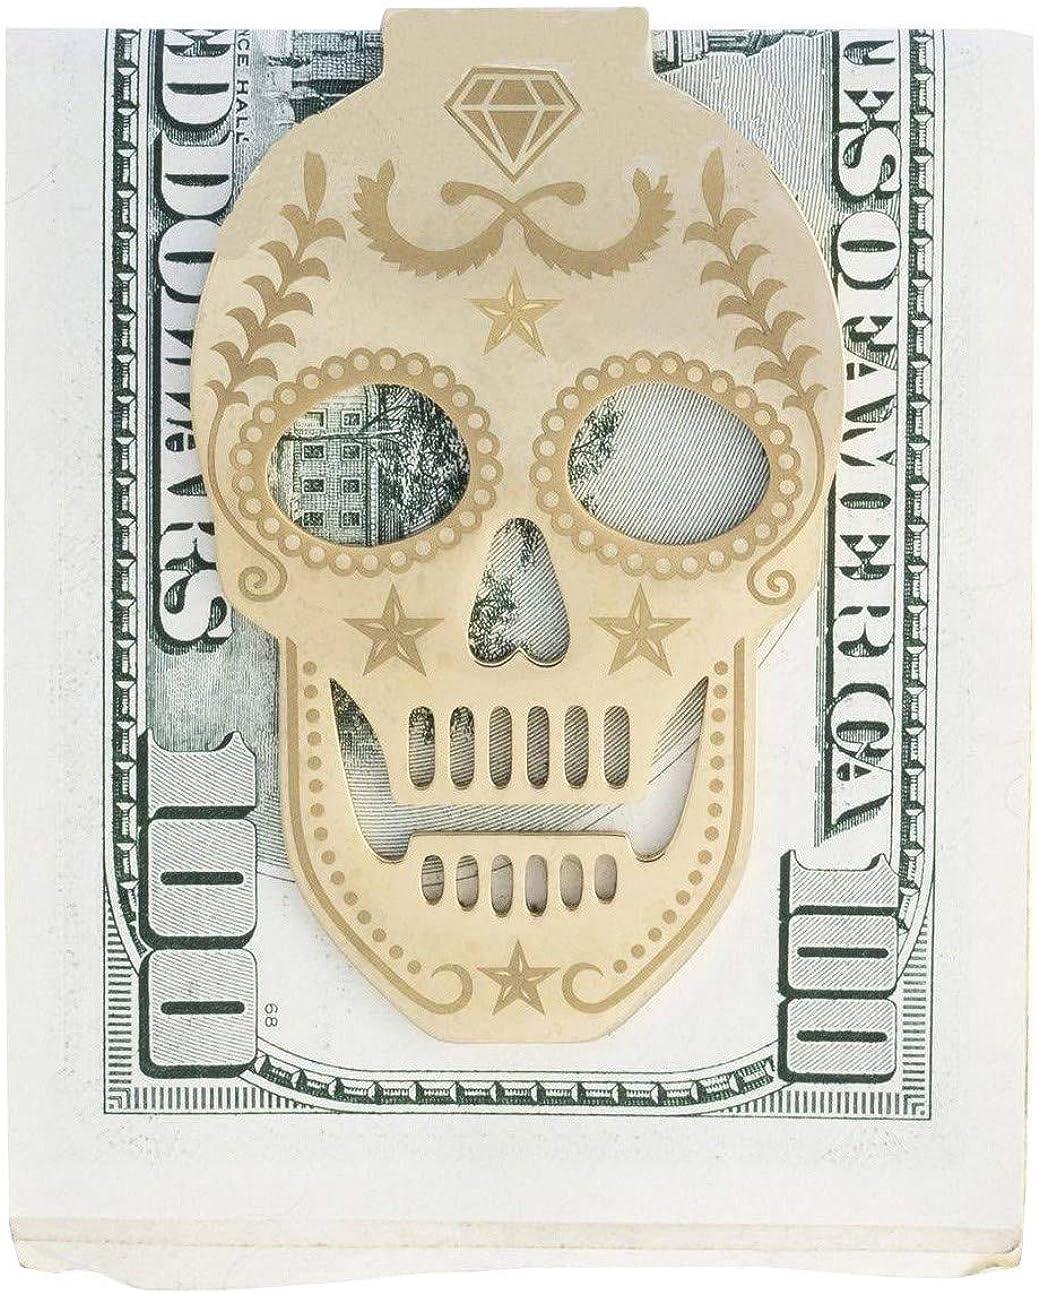 Stainless Steel Skull Money Clip Wallet Front Pocket - Practical, Slim, Cash & Business Card Clamp Holder Gift for Men, Women